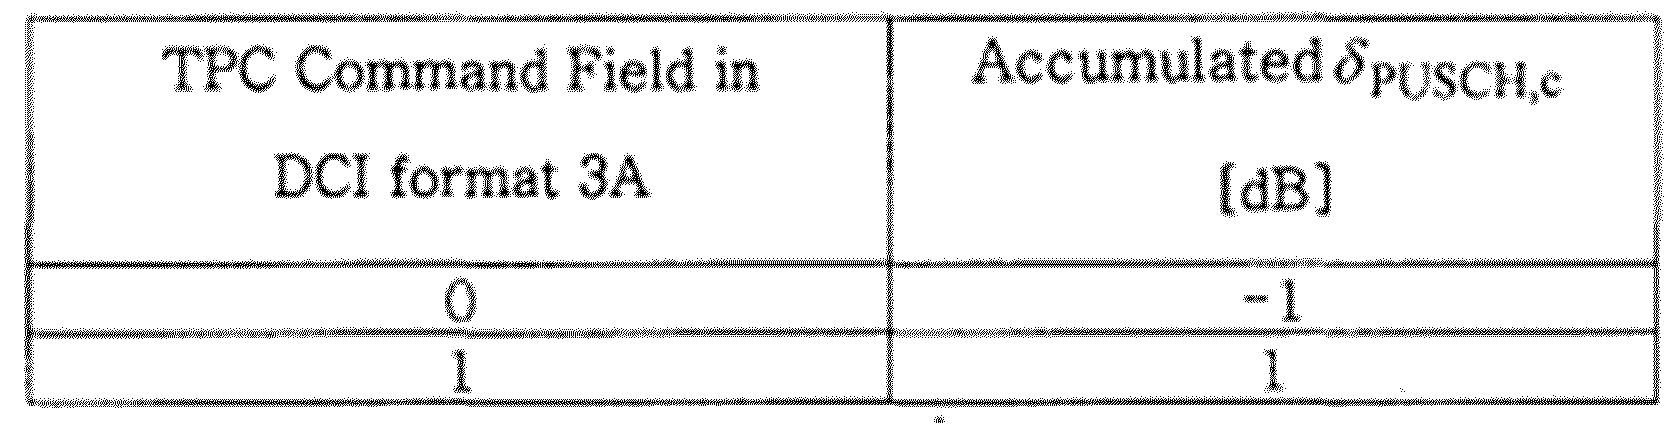 Figure PCTKR2018001032-appb-T000004